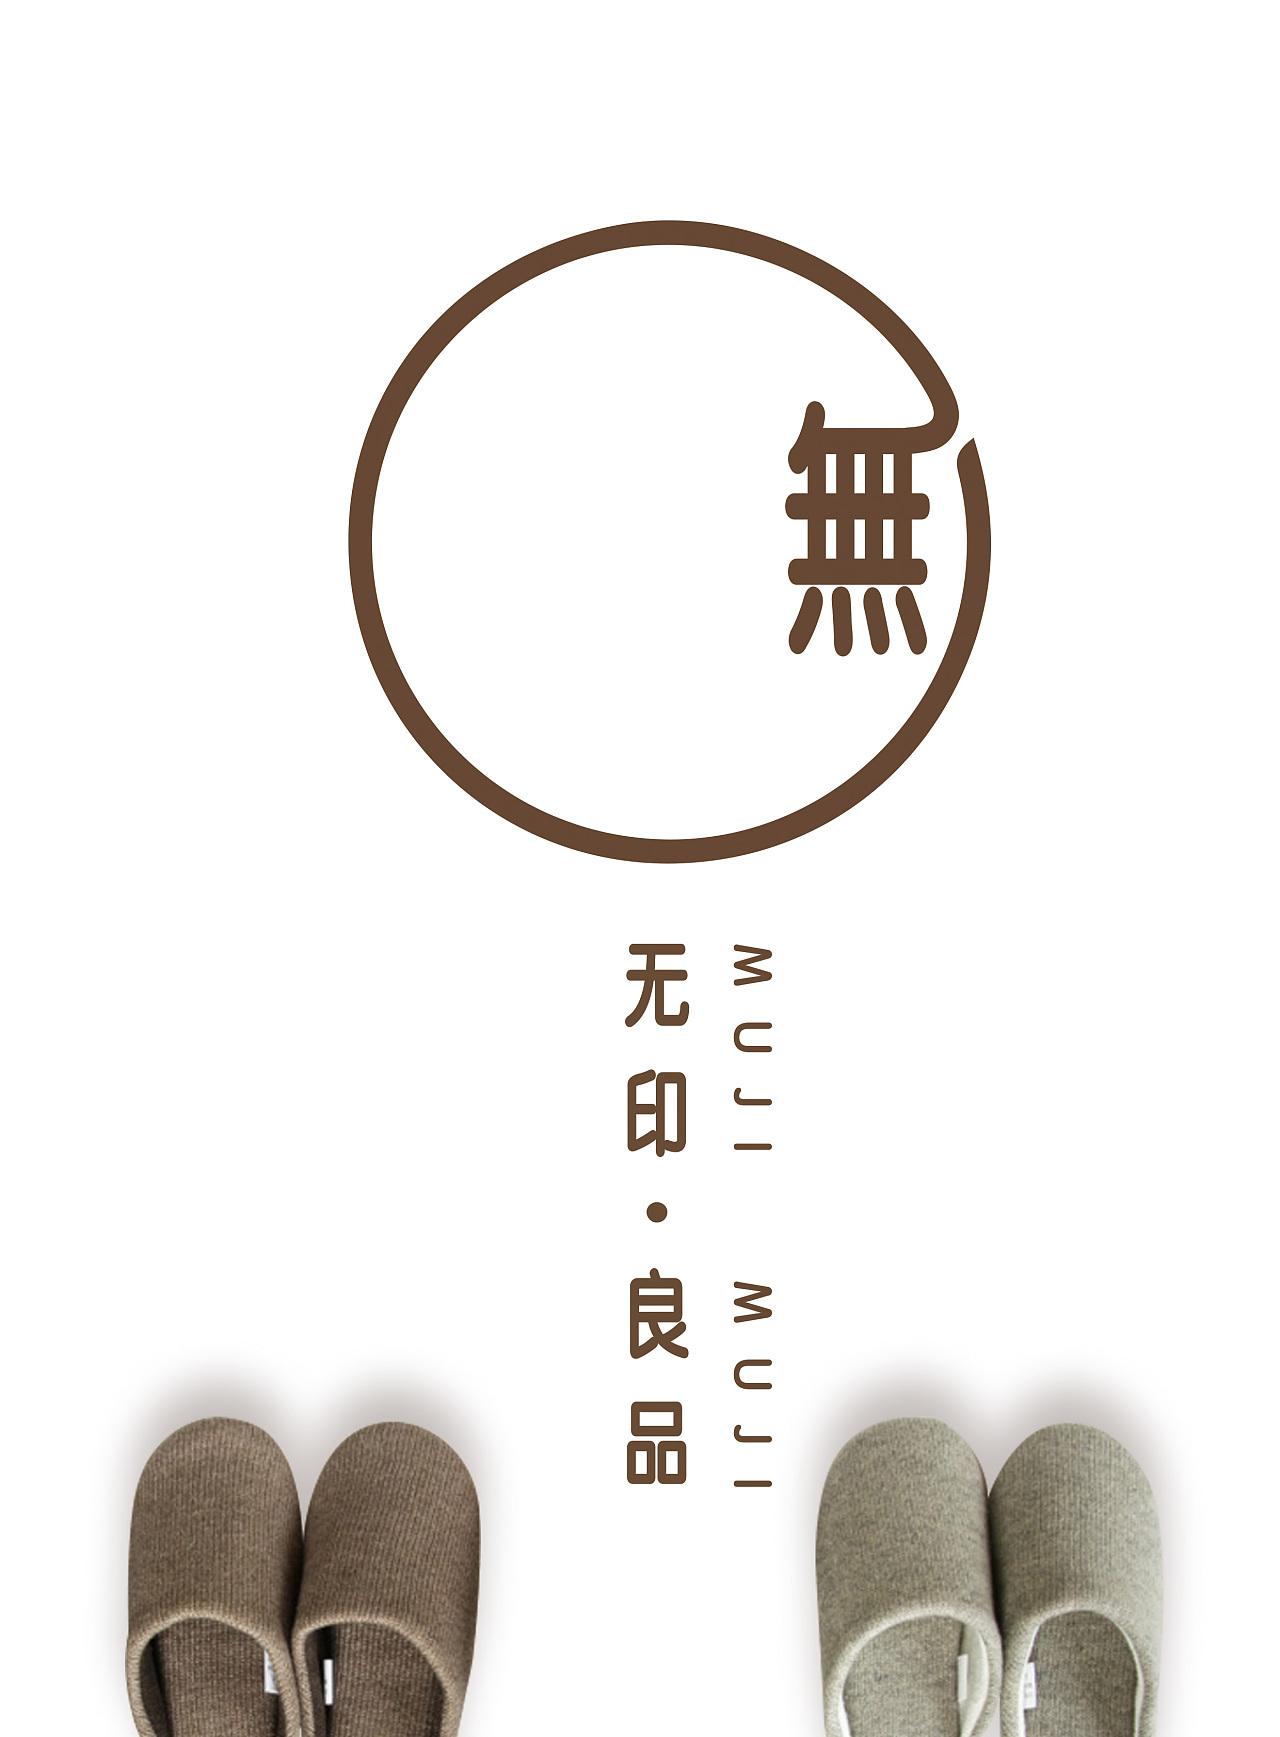 mac autocad 中文 版